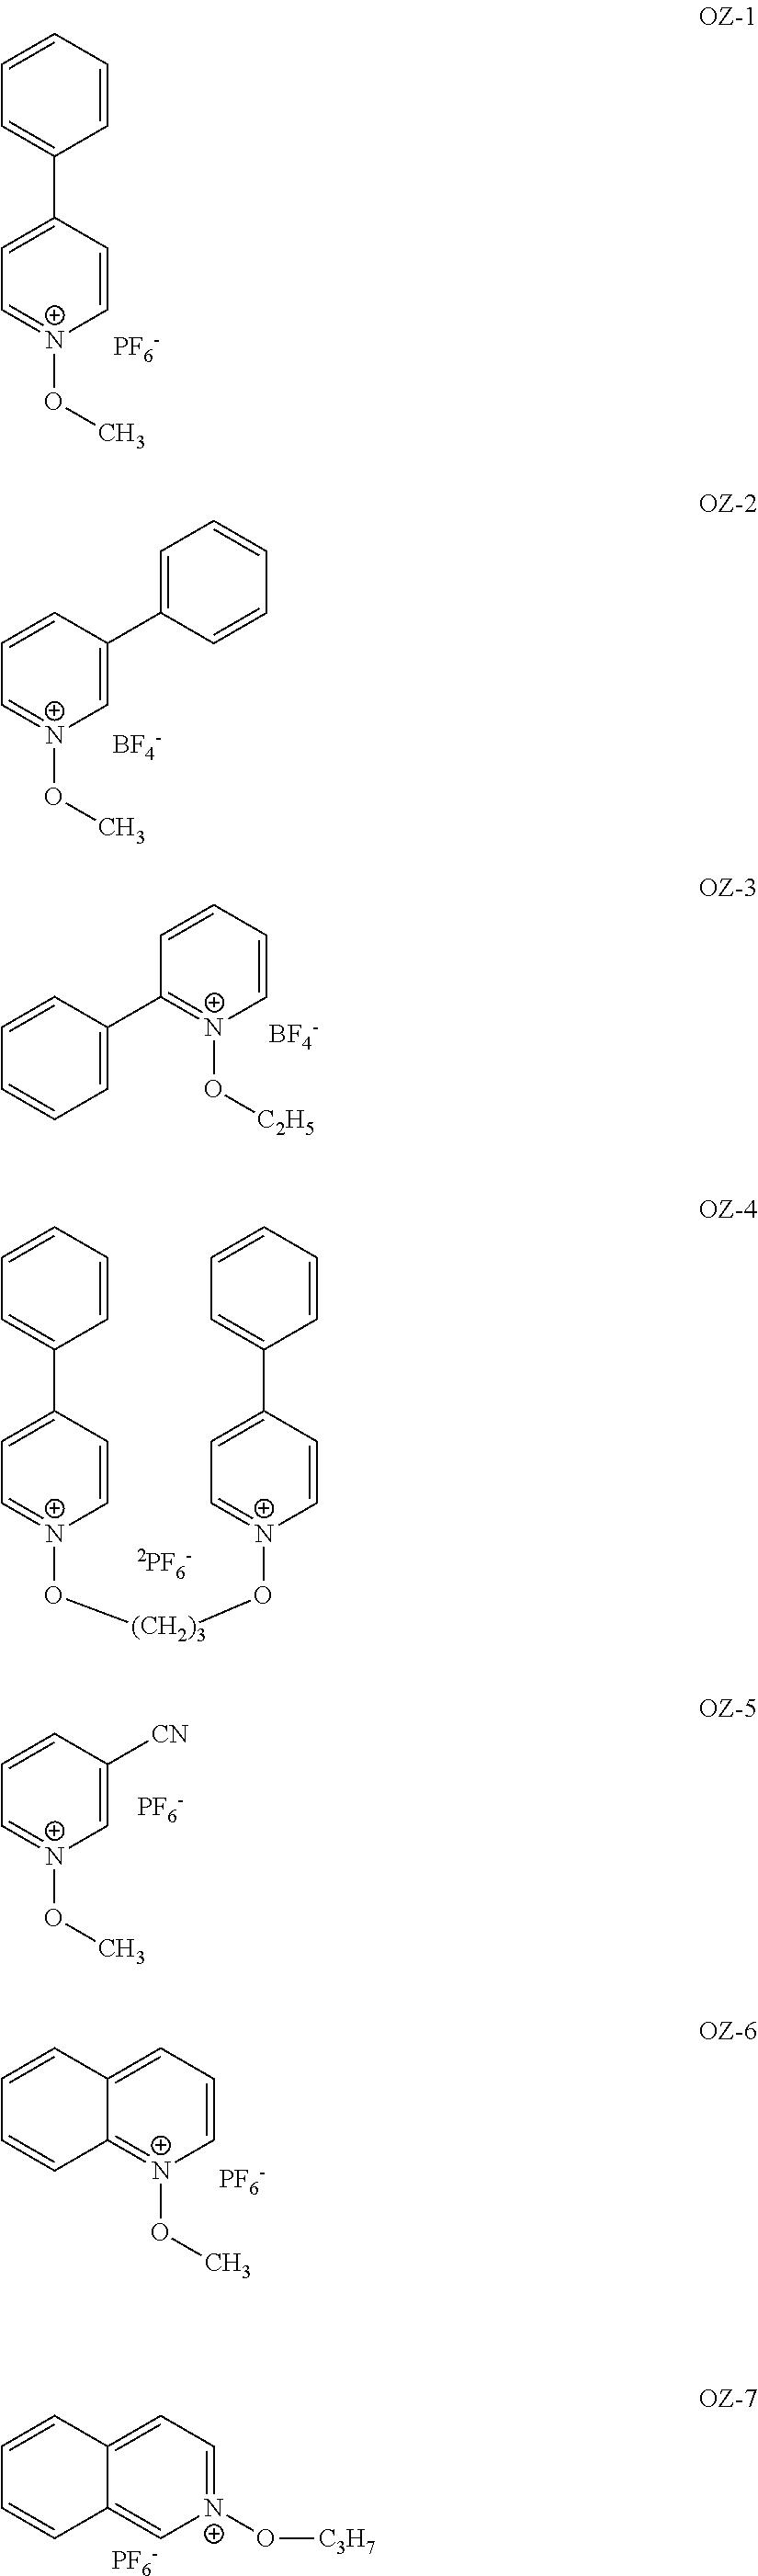 Figure US08399533-20130319-C00049